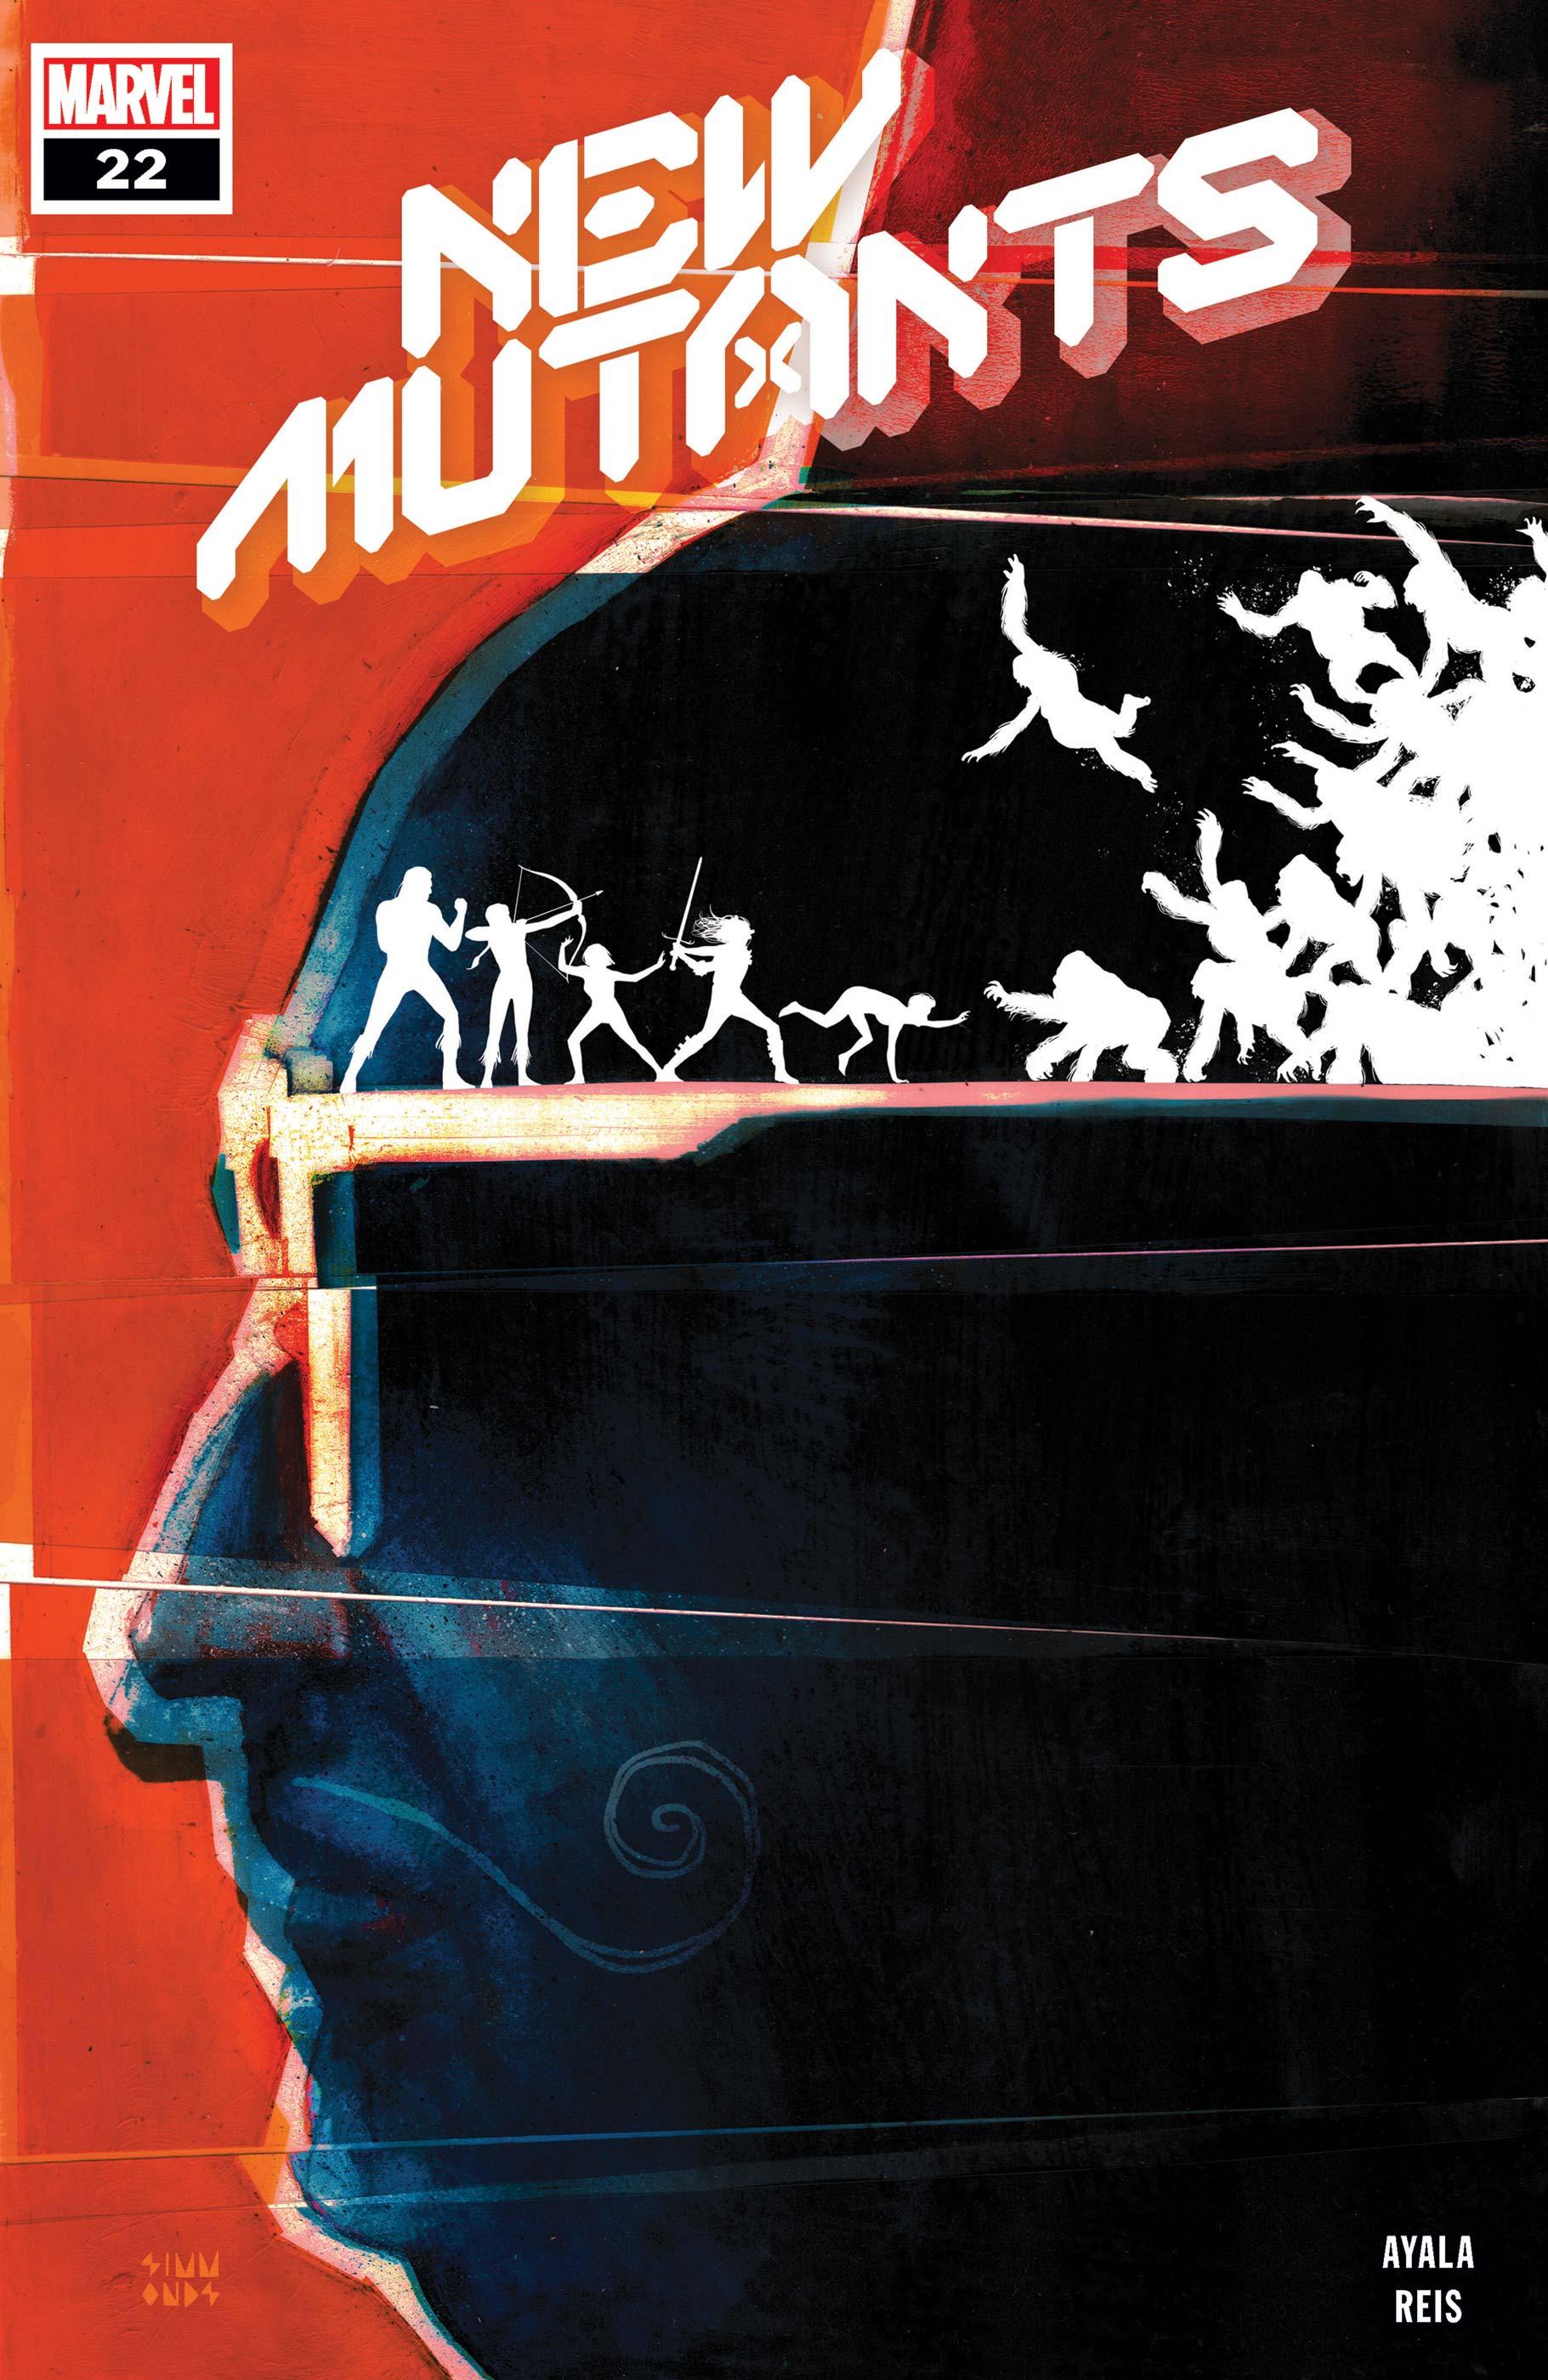 New Mutants (2019) #22